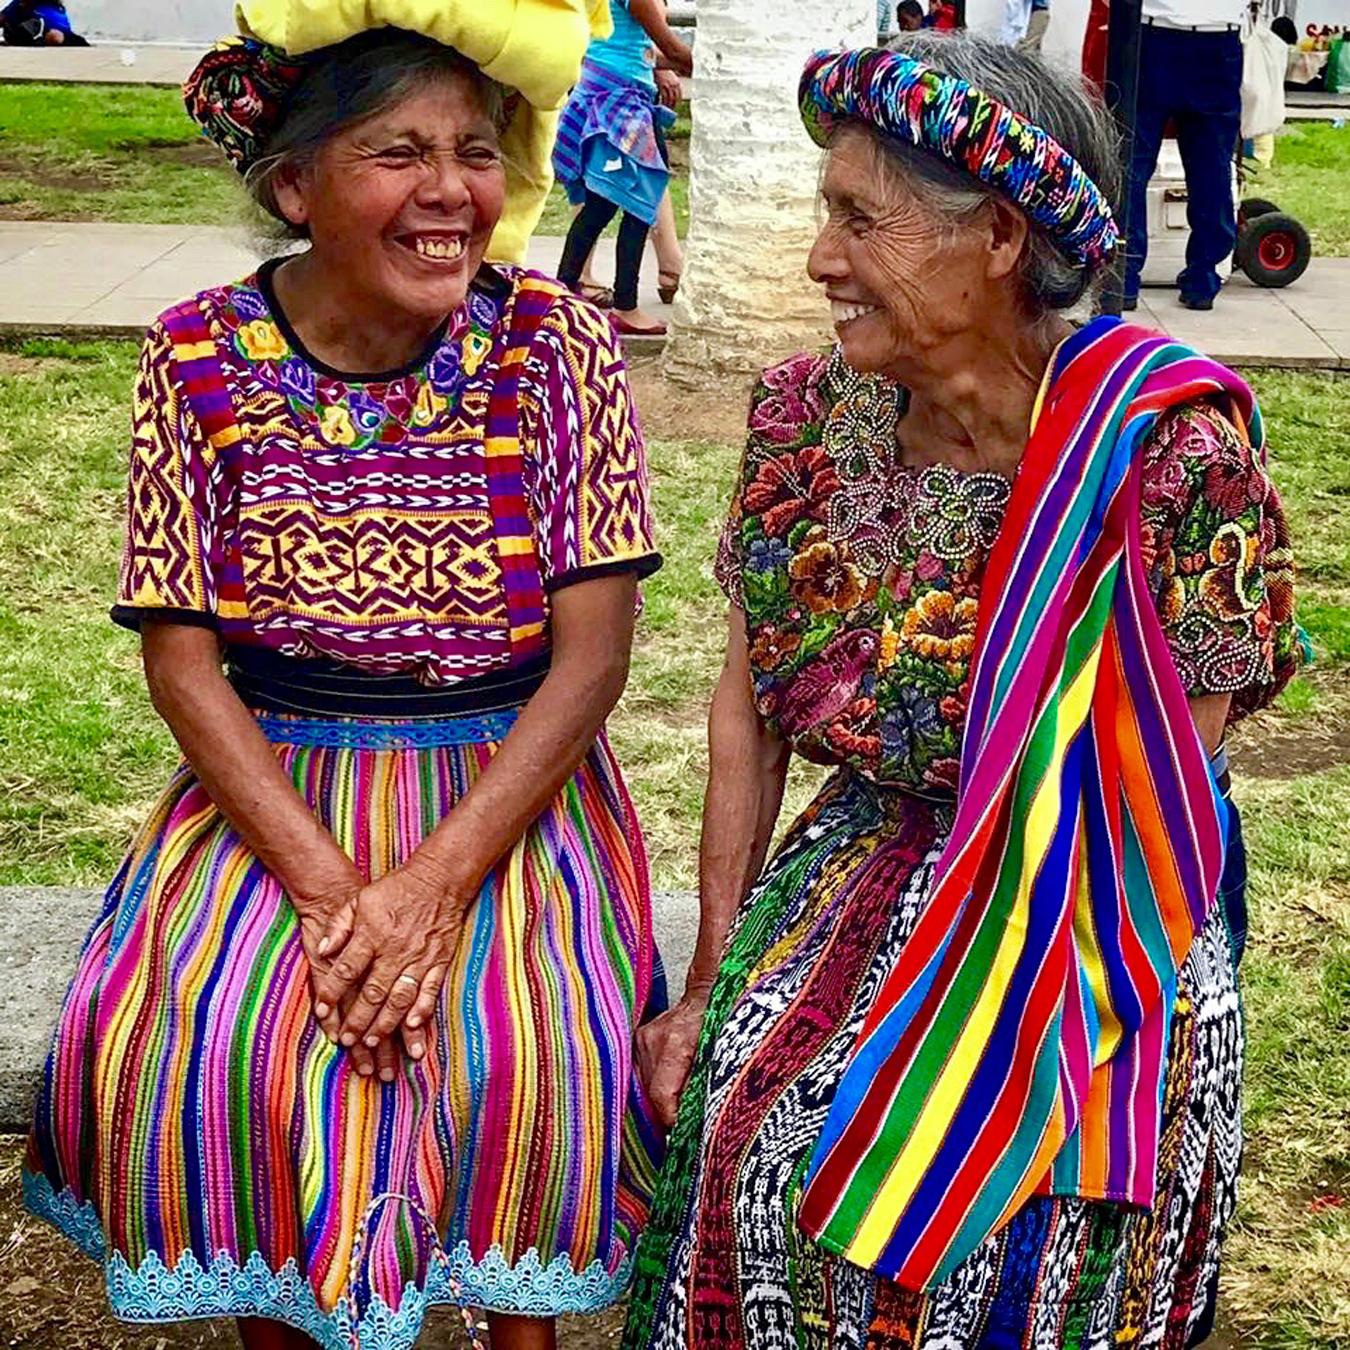 Mayan Community Glamping Trek - Mayan Women Smiling.jpg